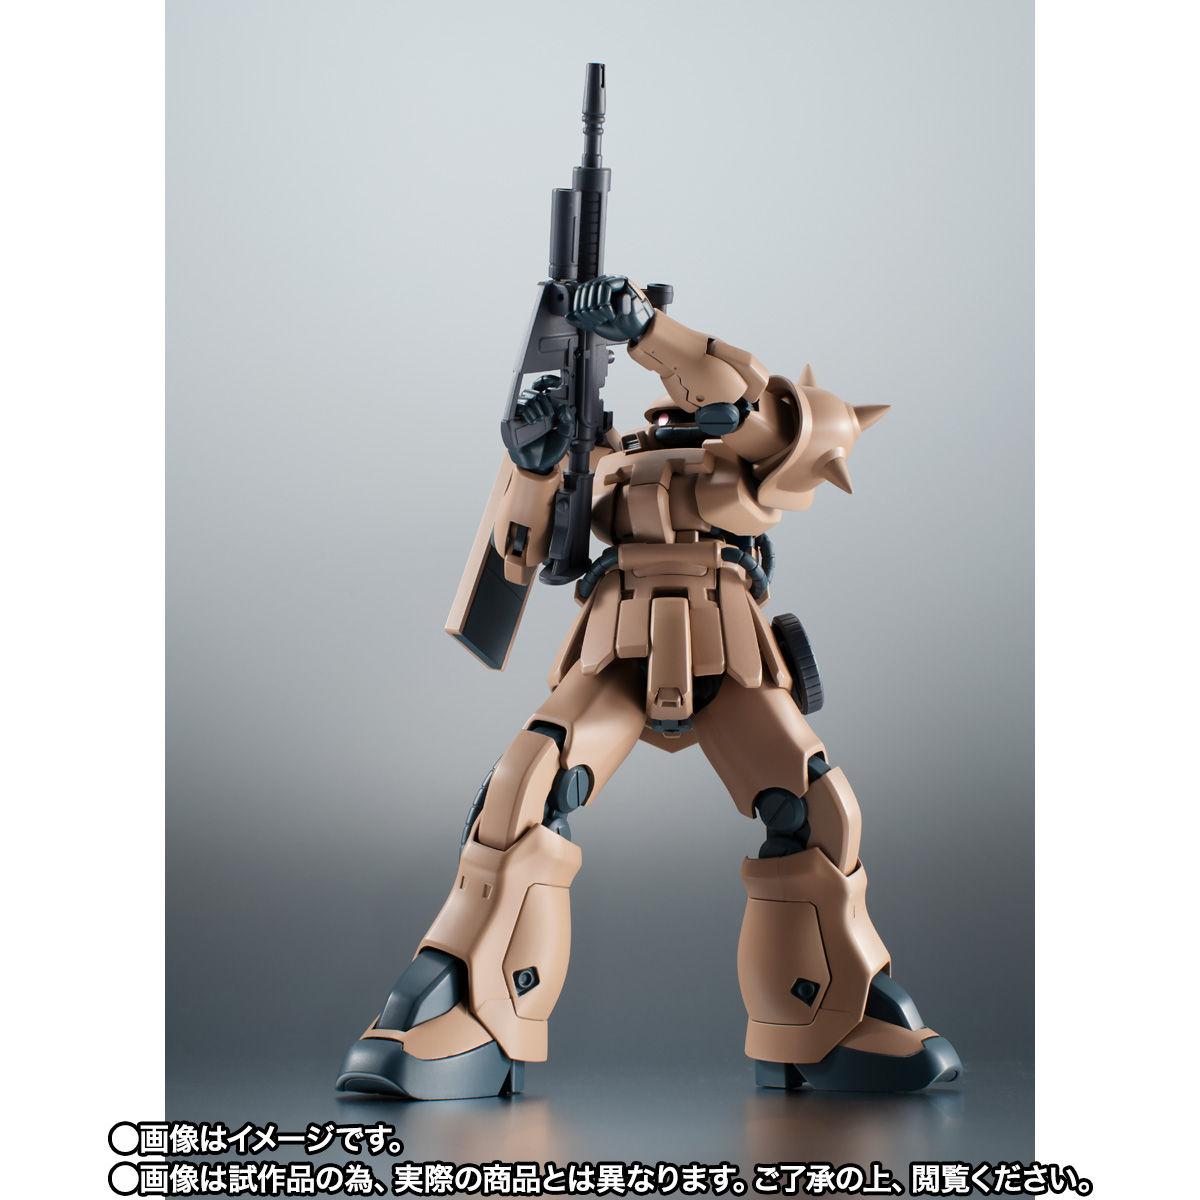 【限定販売】ROBOT魂〈SIDE MS〉『MS-06F-2 ザクII F2型 キンバライド基地仕様 ver. A.N.I.M.E.』ガンダム0083 可動フィギュア-008